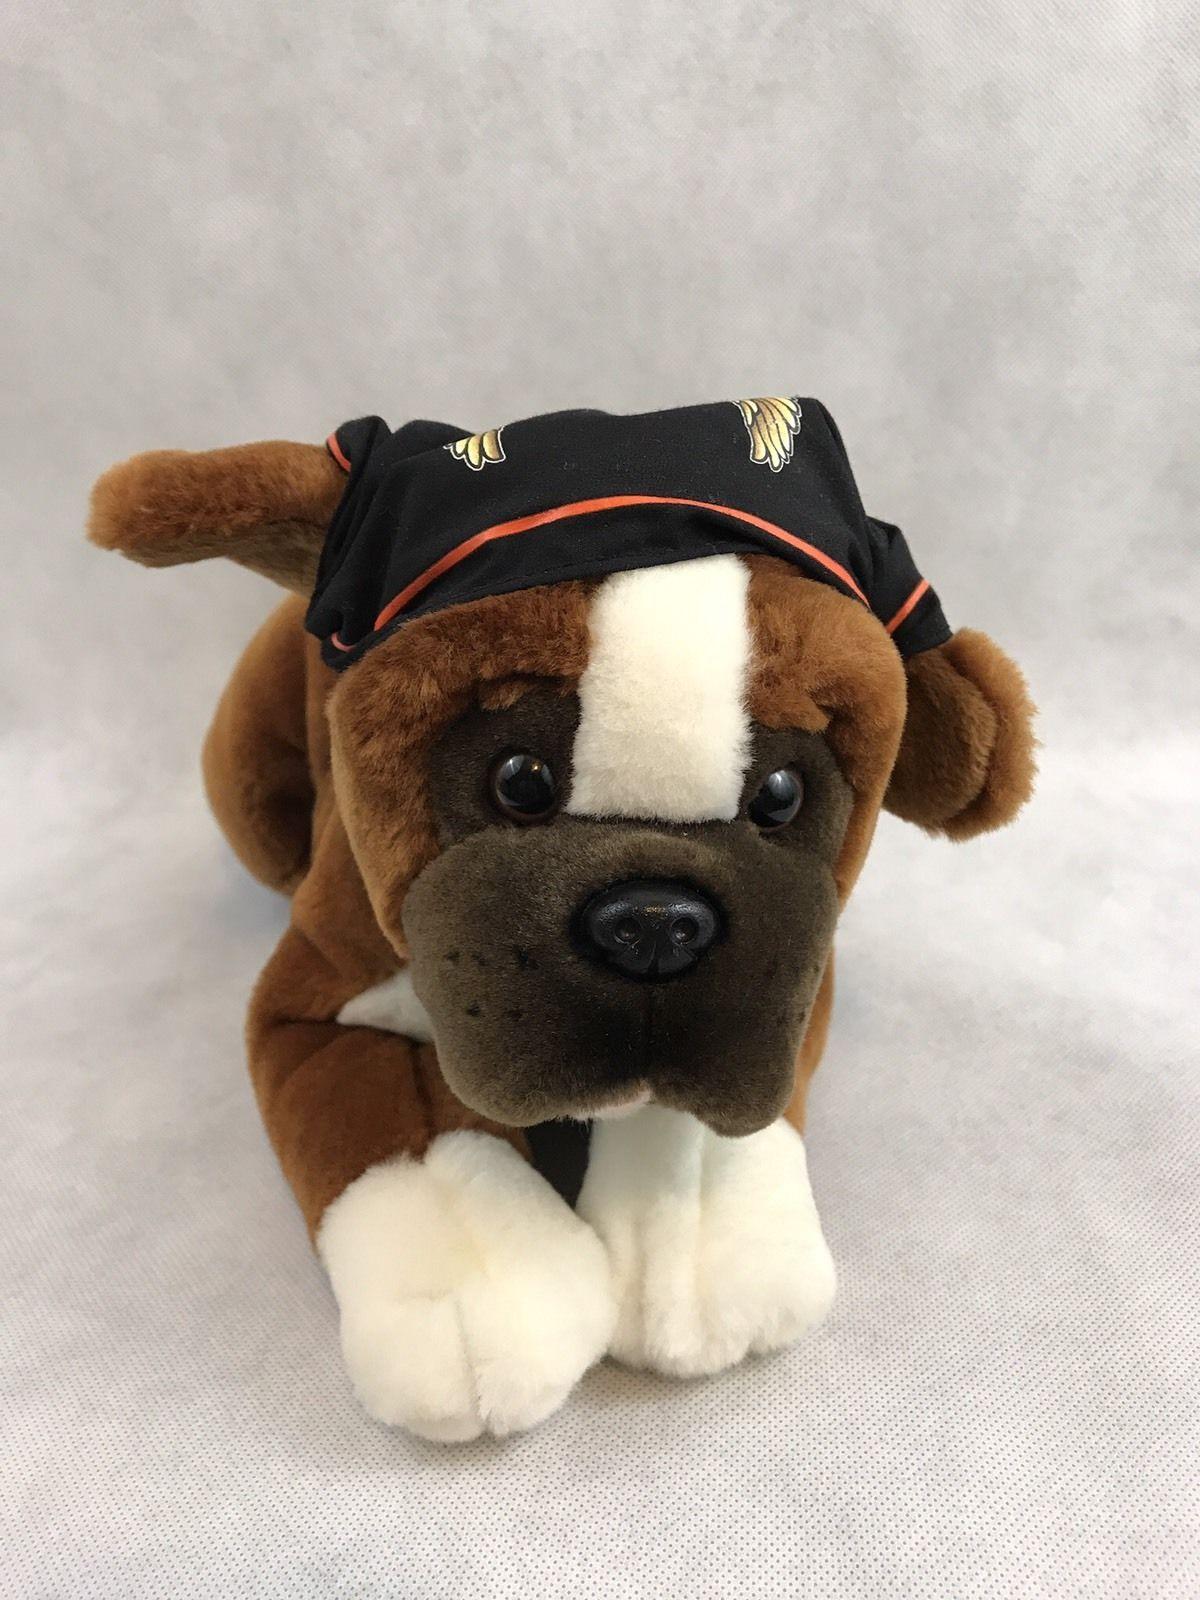 Harley Davidson Boxer Dog Tank Stuffed Animal Plush Wearing A